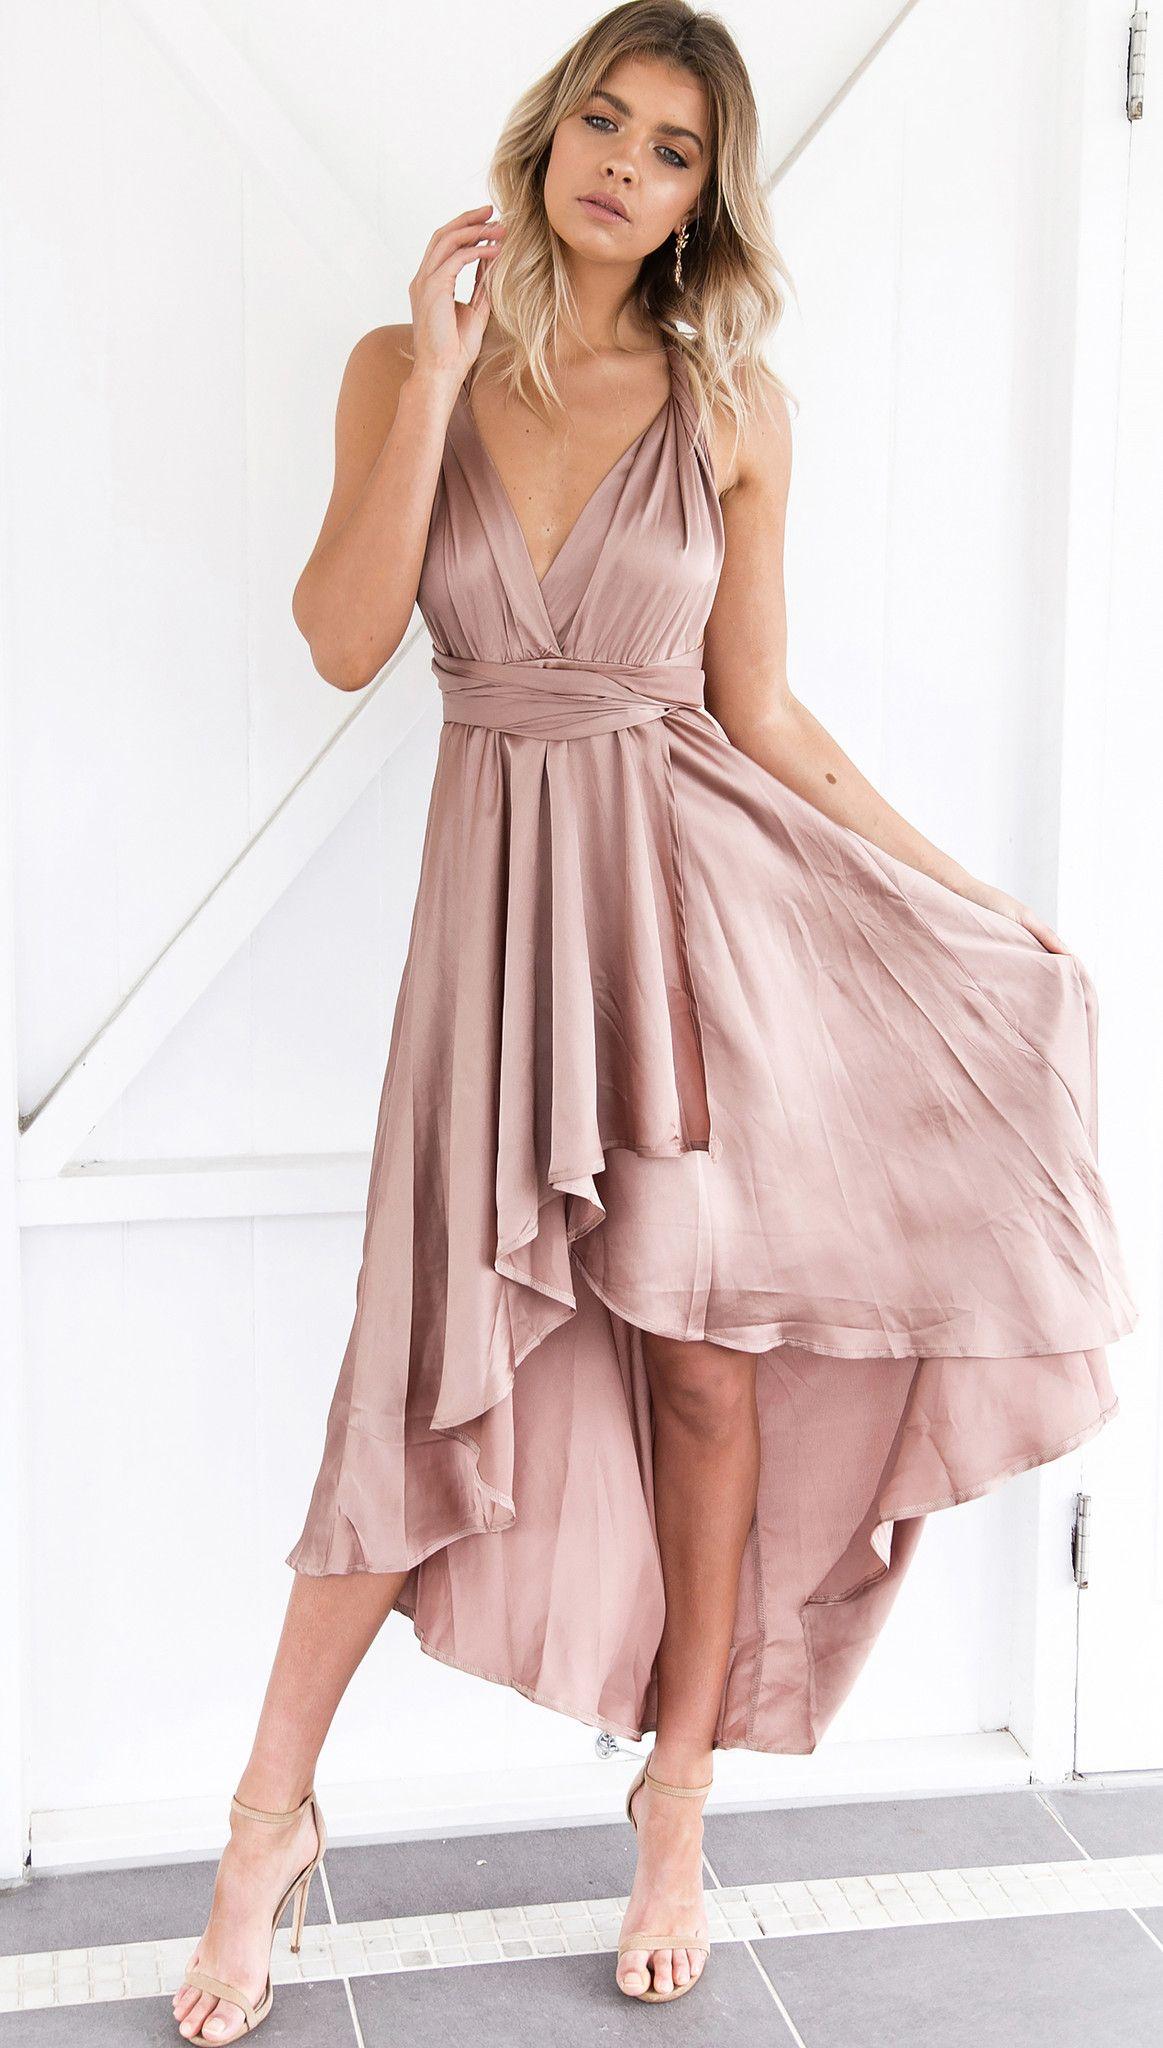 Ivy League Dress | Shopping list | Pinterest | Ivy league, Mura ...